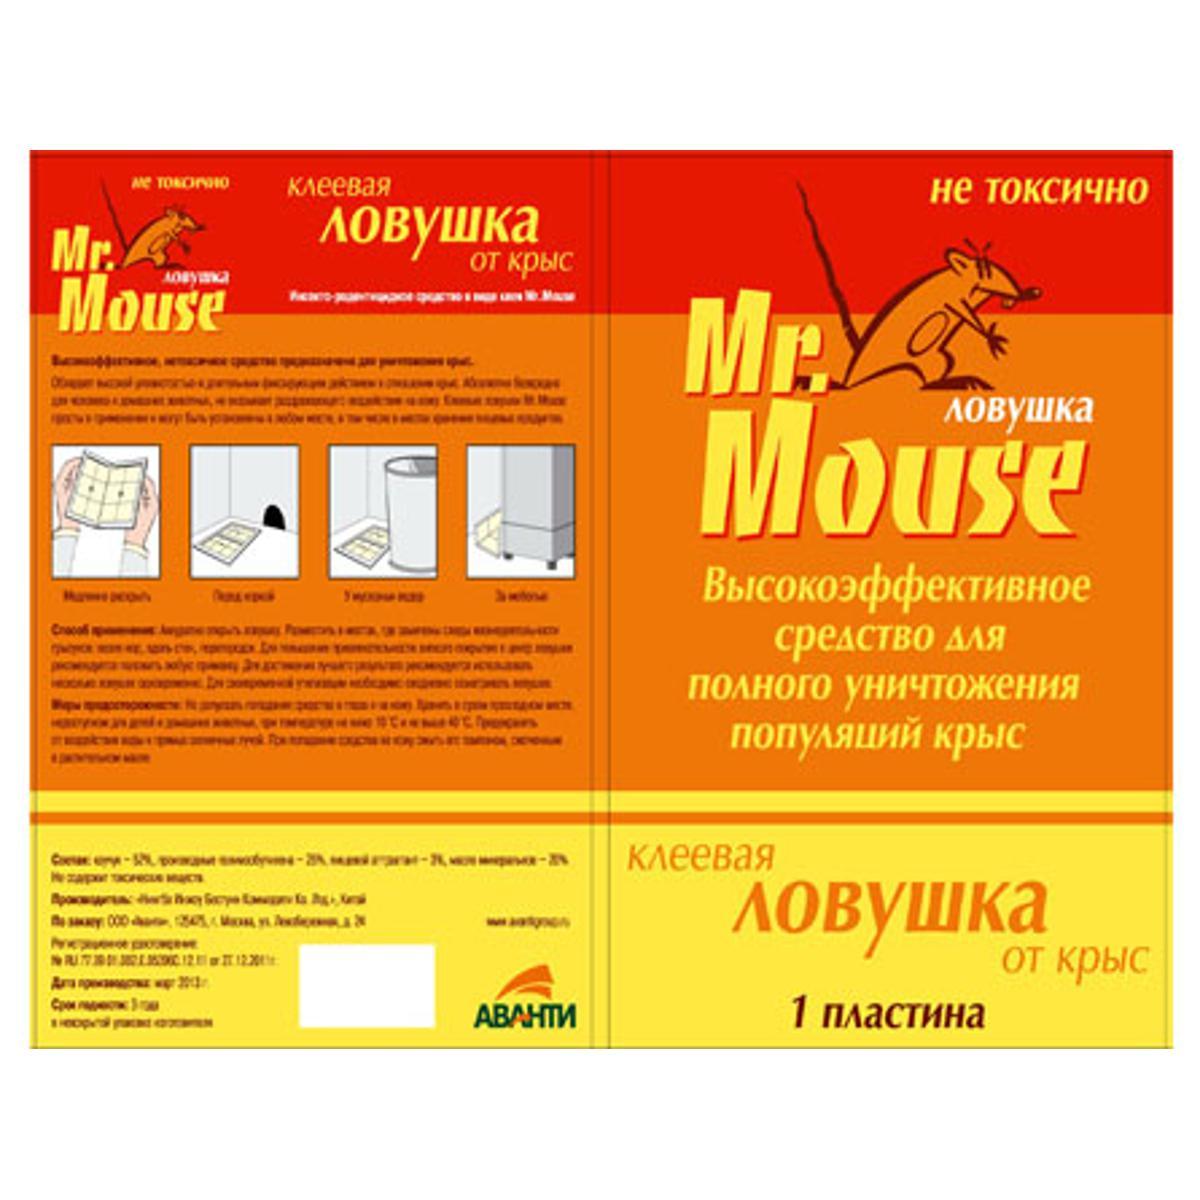 Мышеловка Mr. mouse СЗ.040011 ловушка для насекомых mr mouse сз 040012